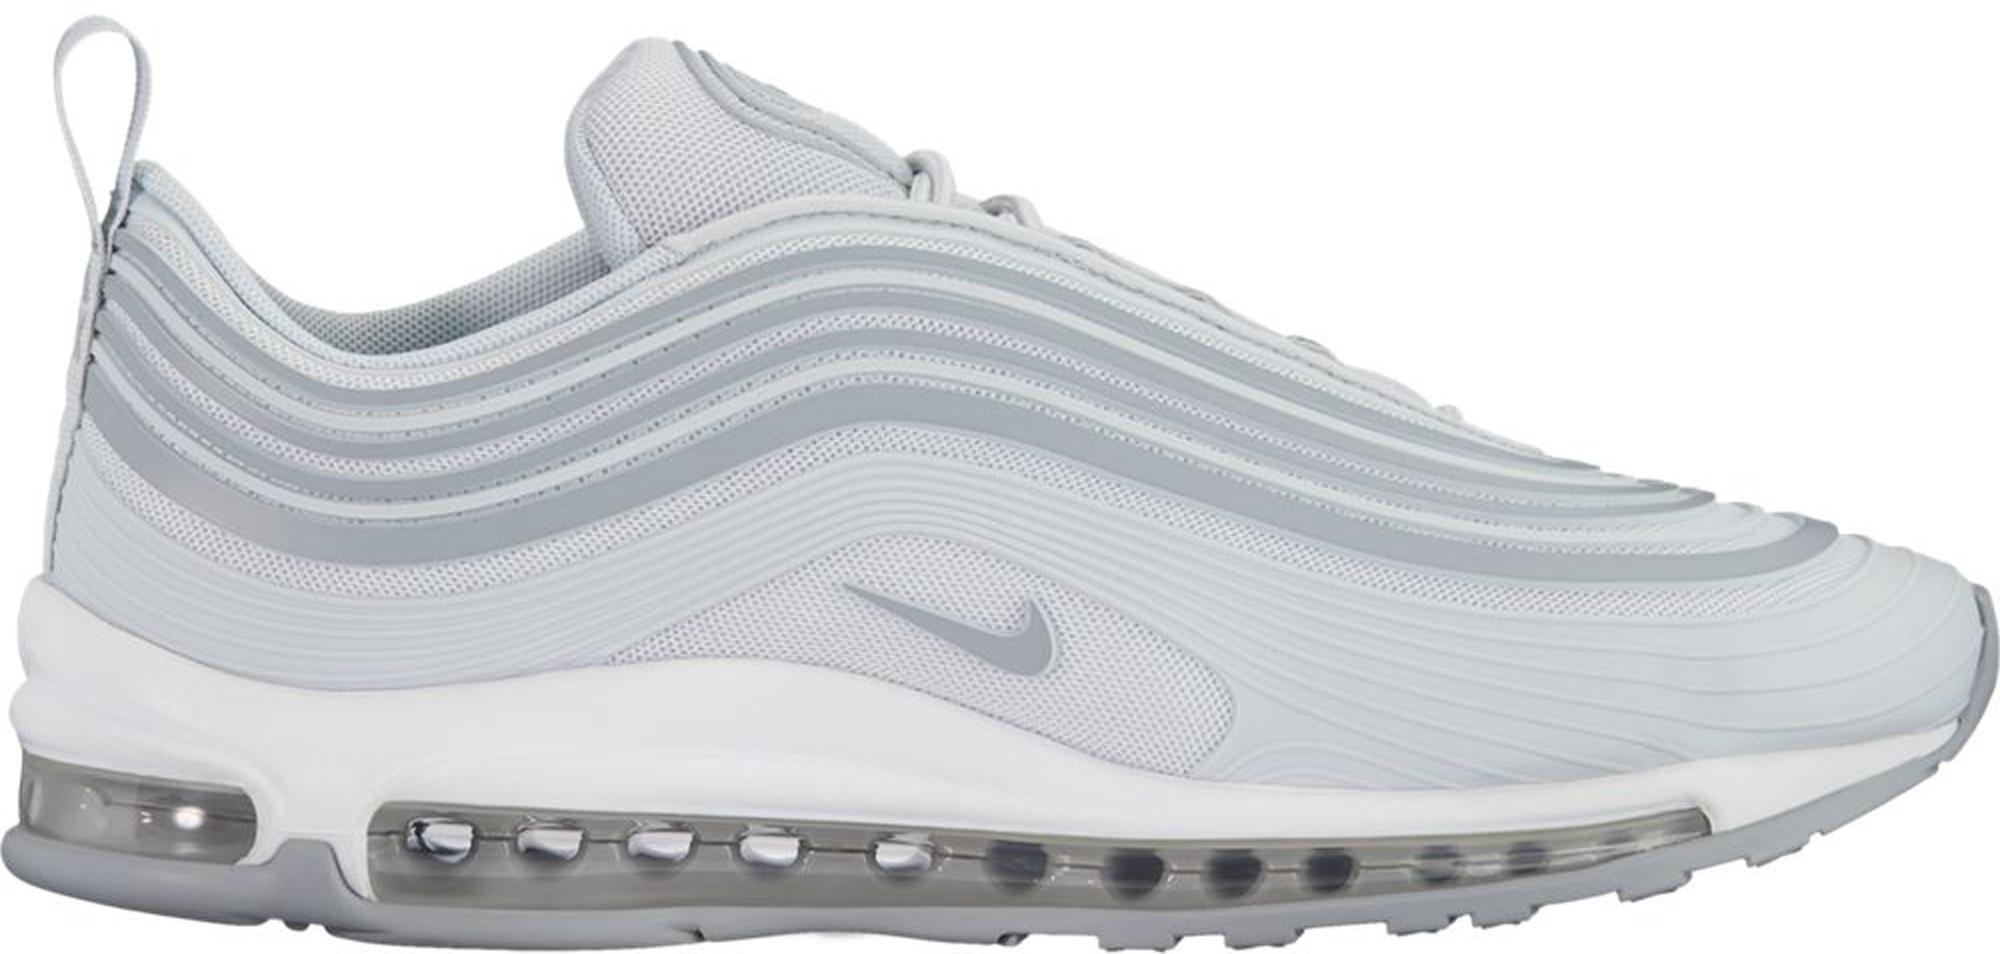 Nike Air Max 97 Ultra '17 Platinum, White & Grey   END.